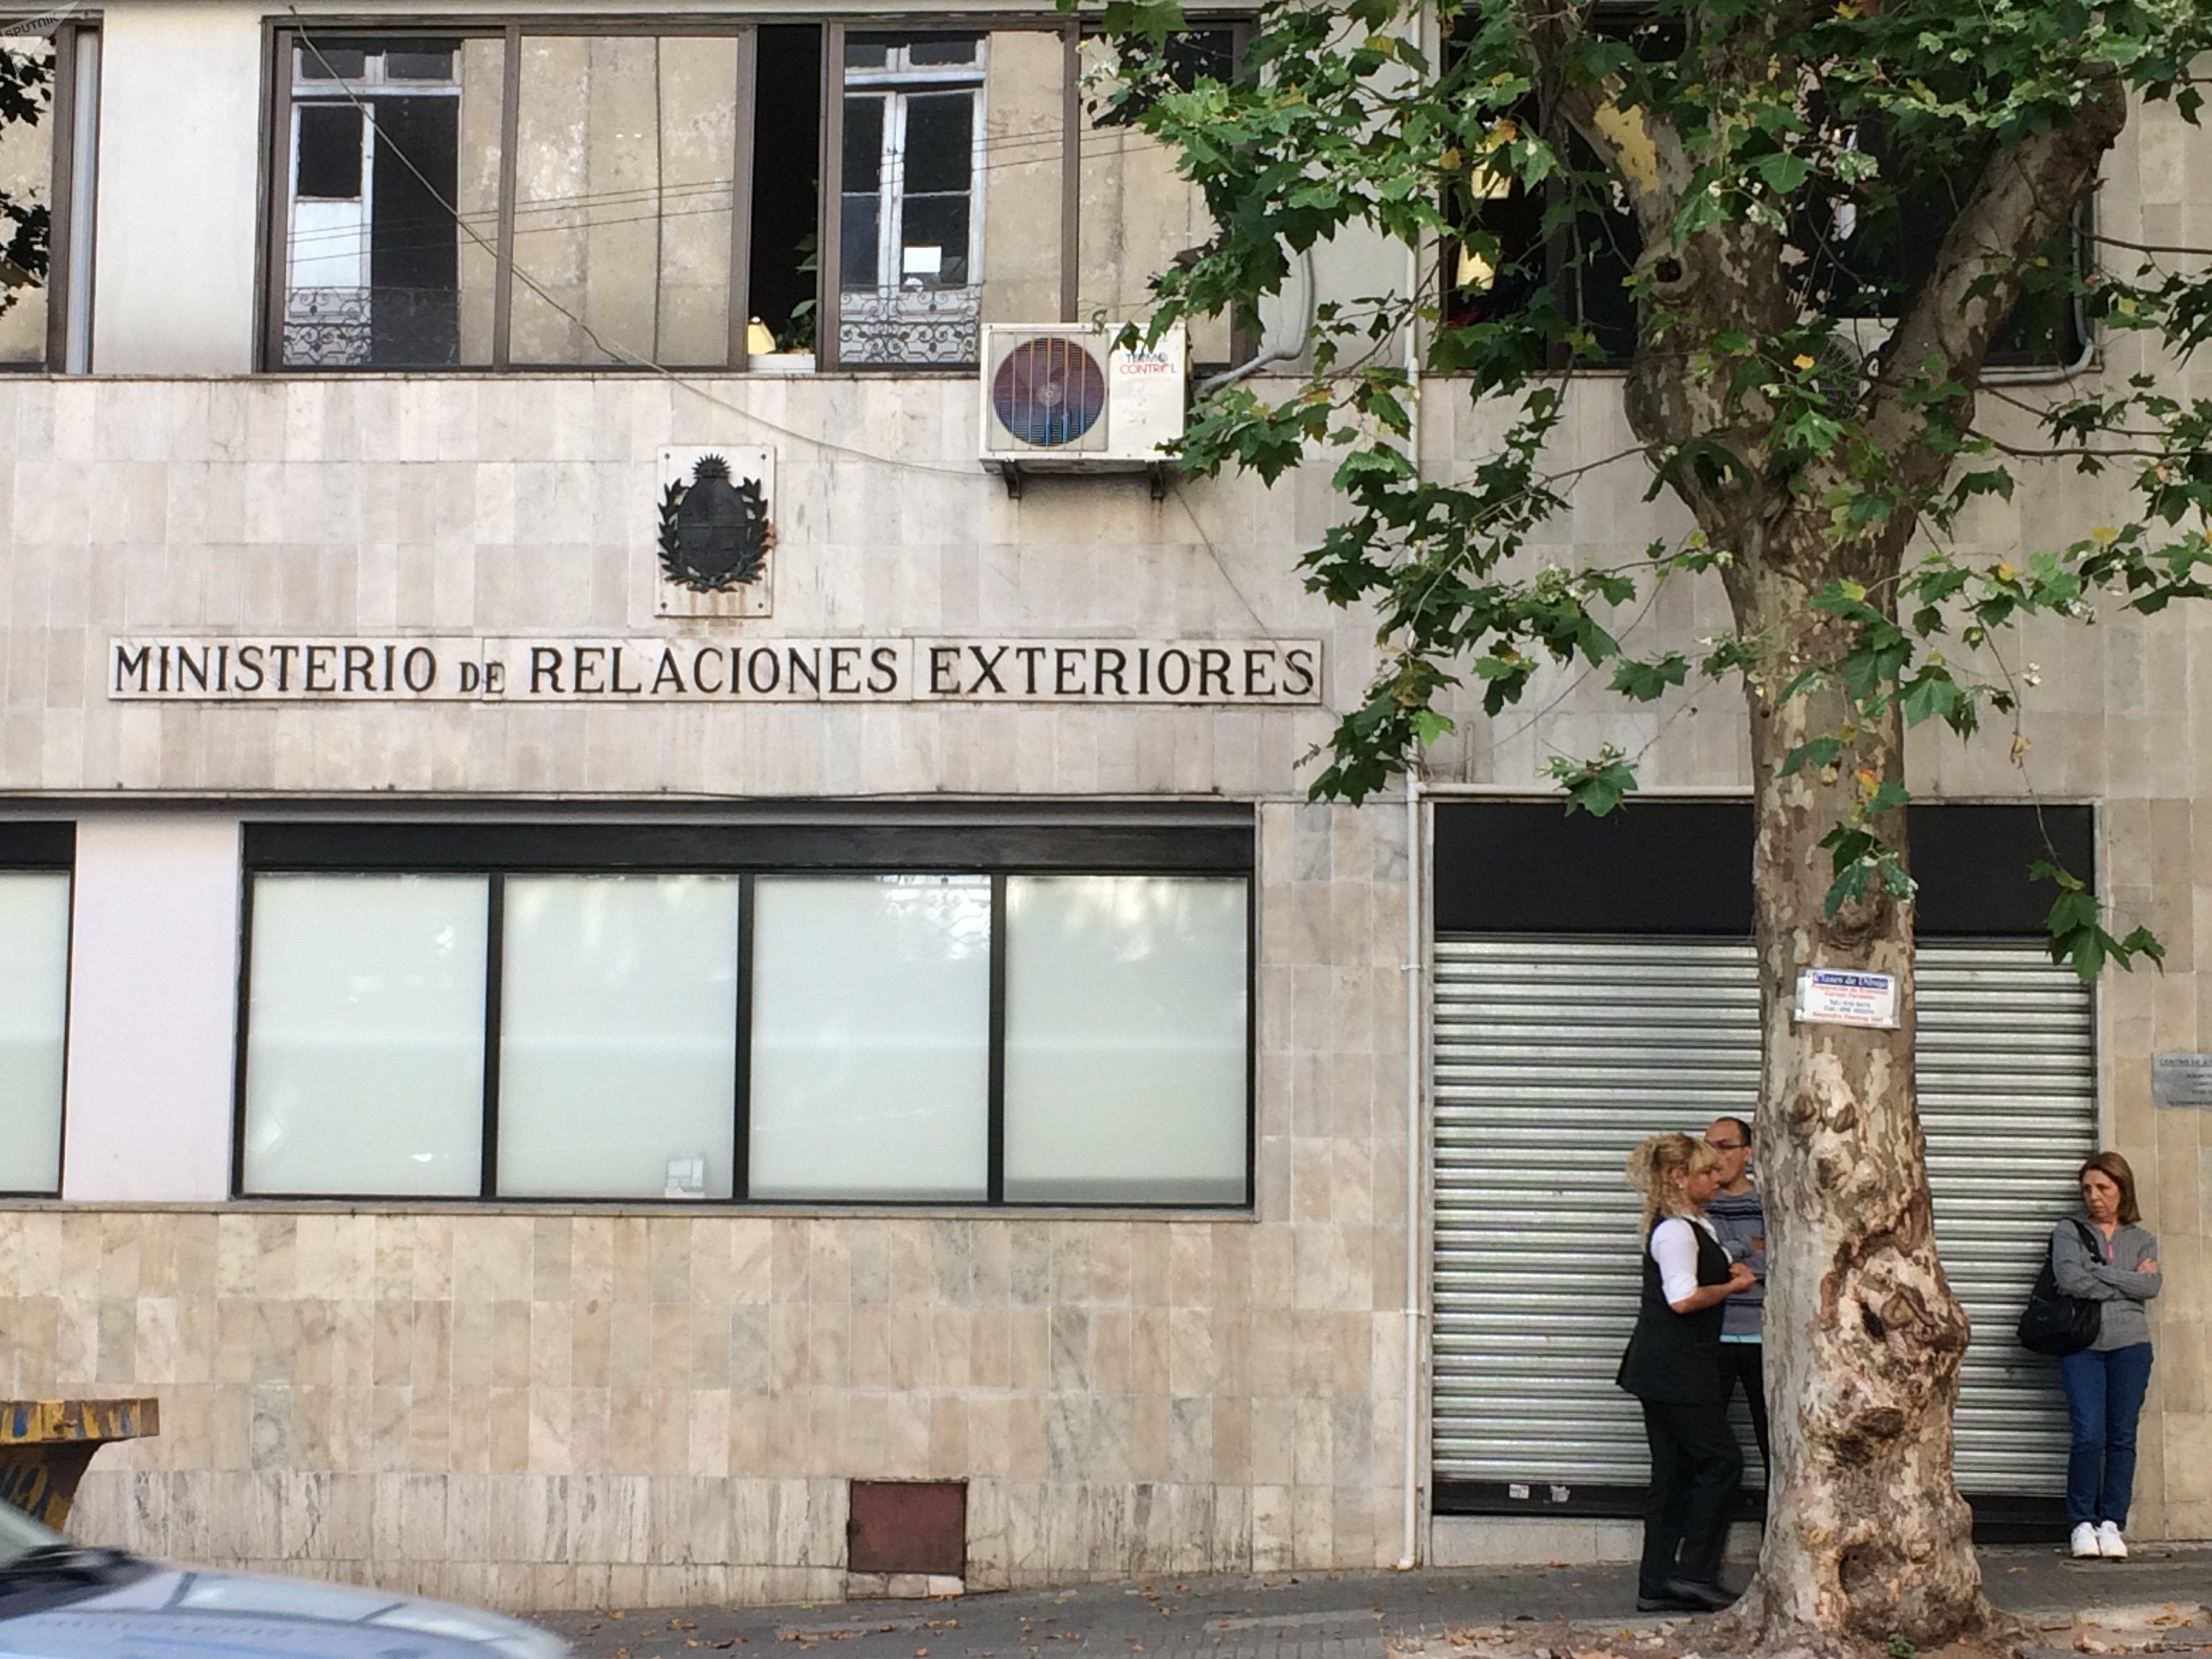 Ministerio Relaciones Exteriores, Uruguay